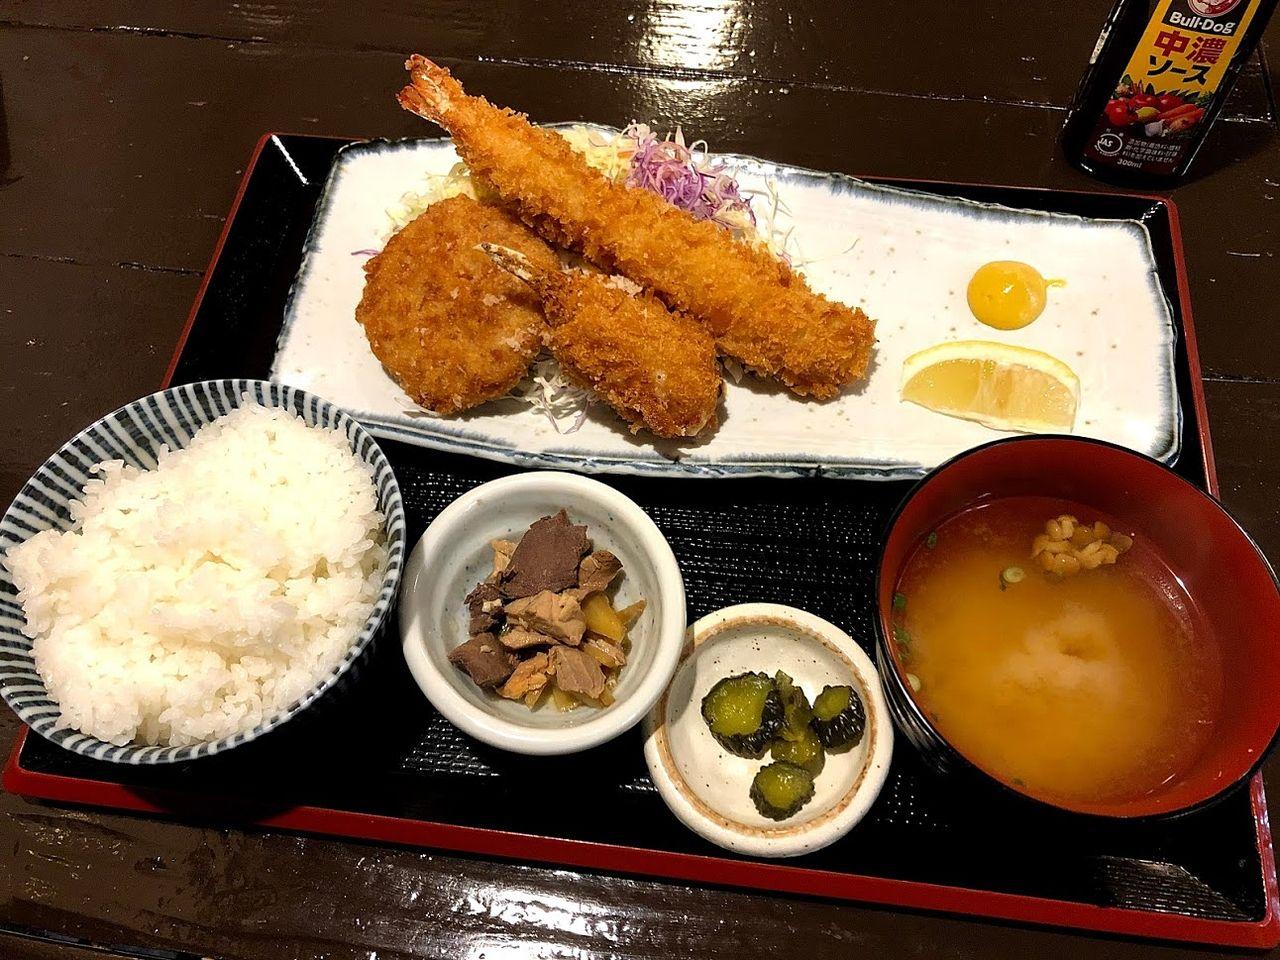 本日のミックスフライ定食 980円(税別)